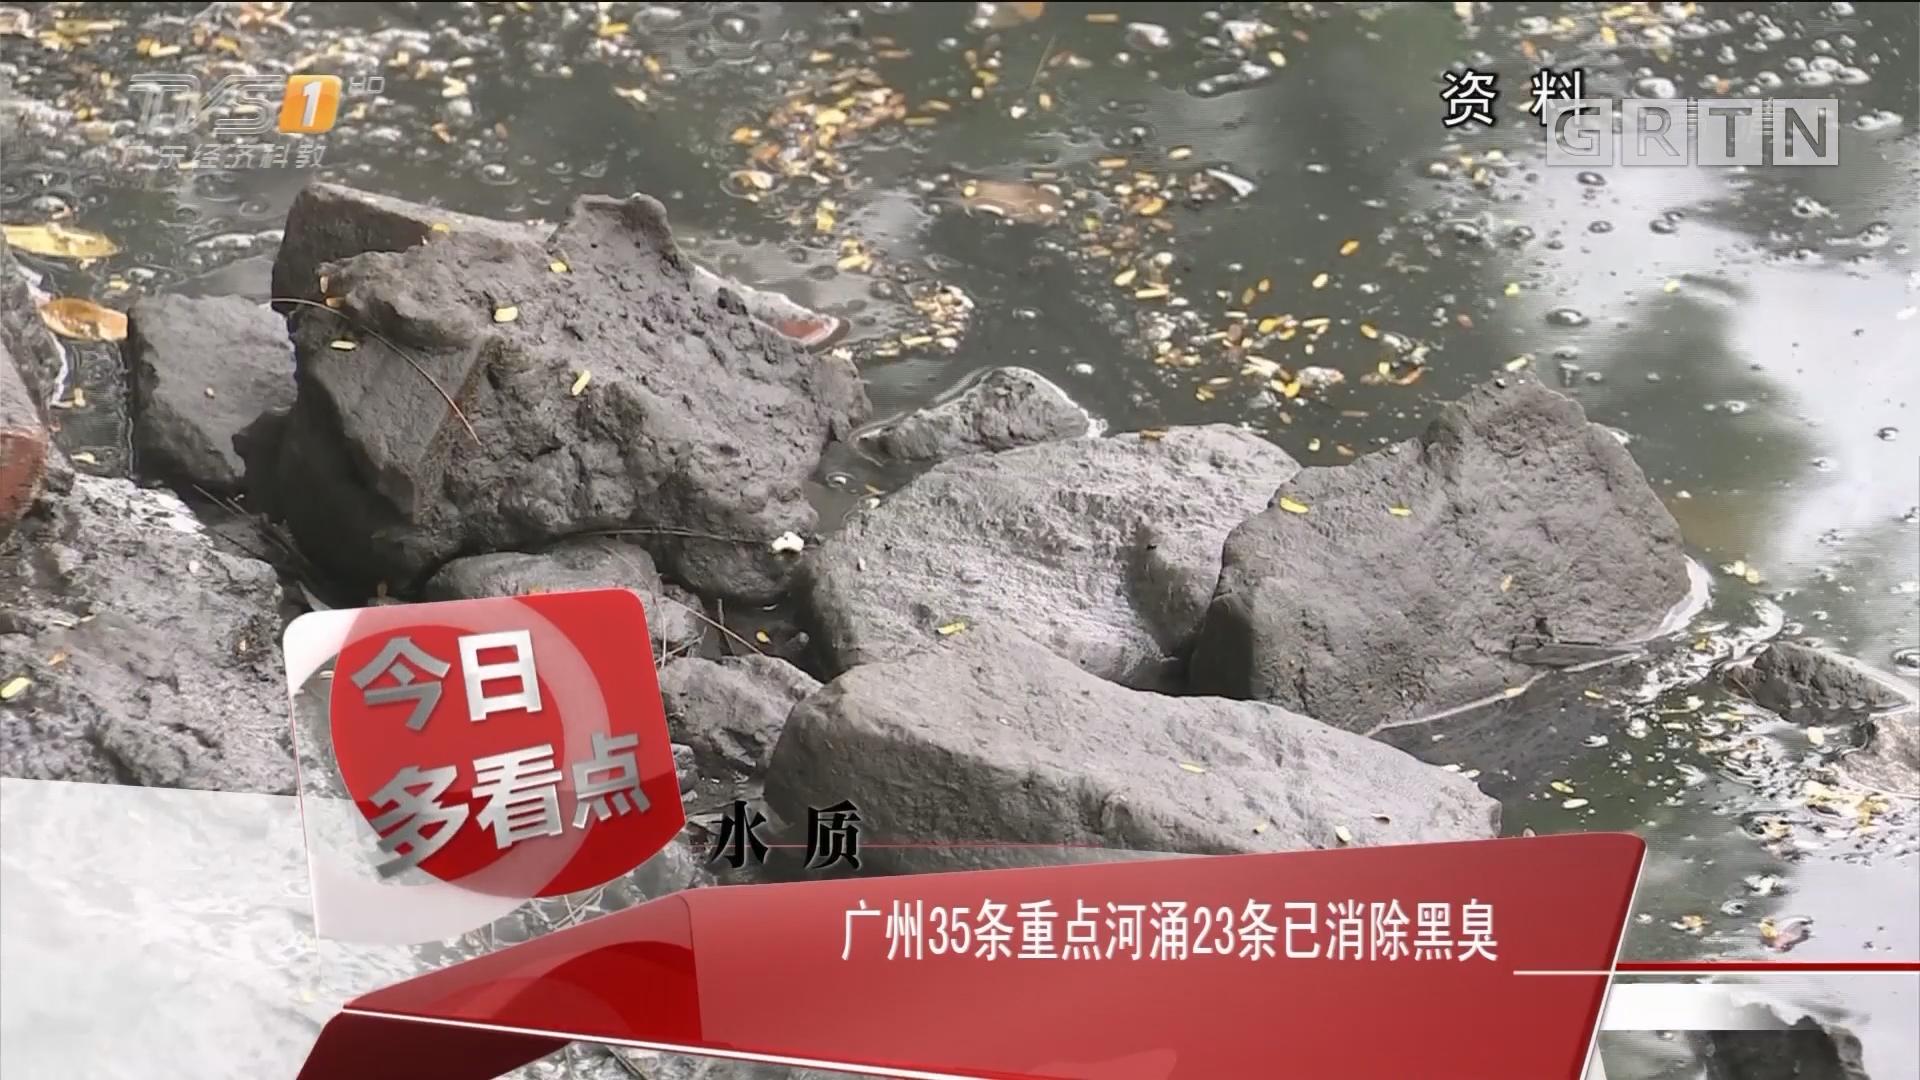 水质:广州35条重点河涌23条已消除黑臭